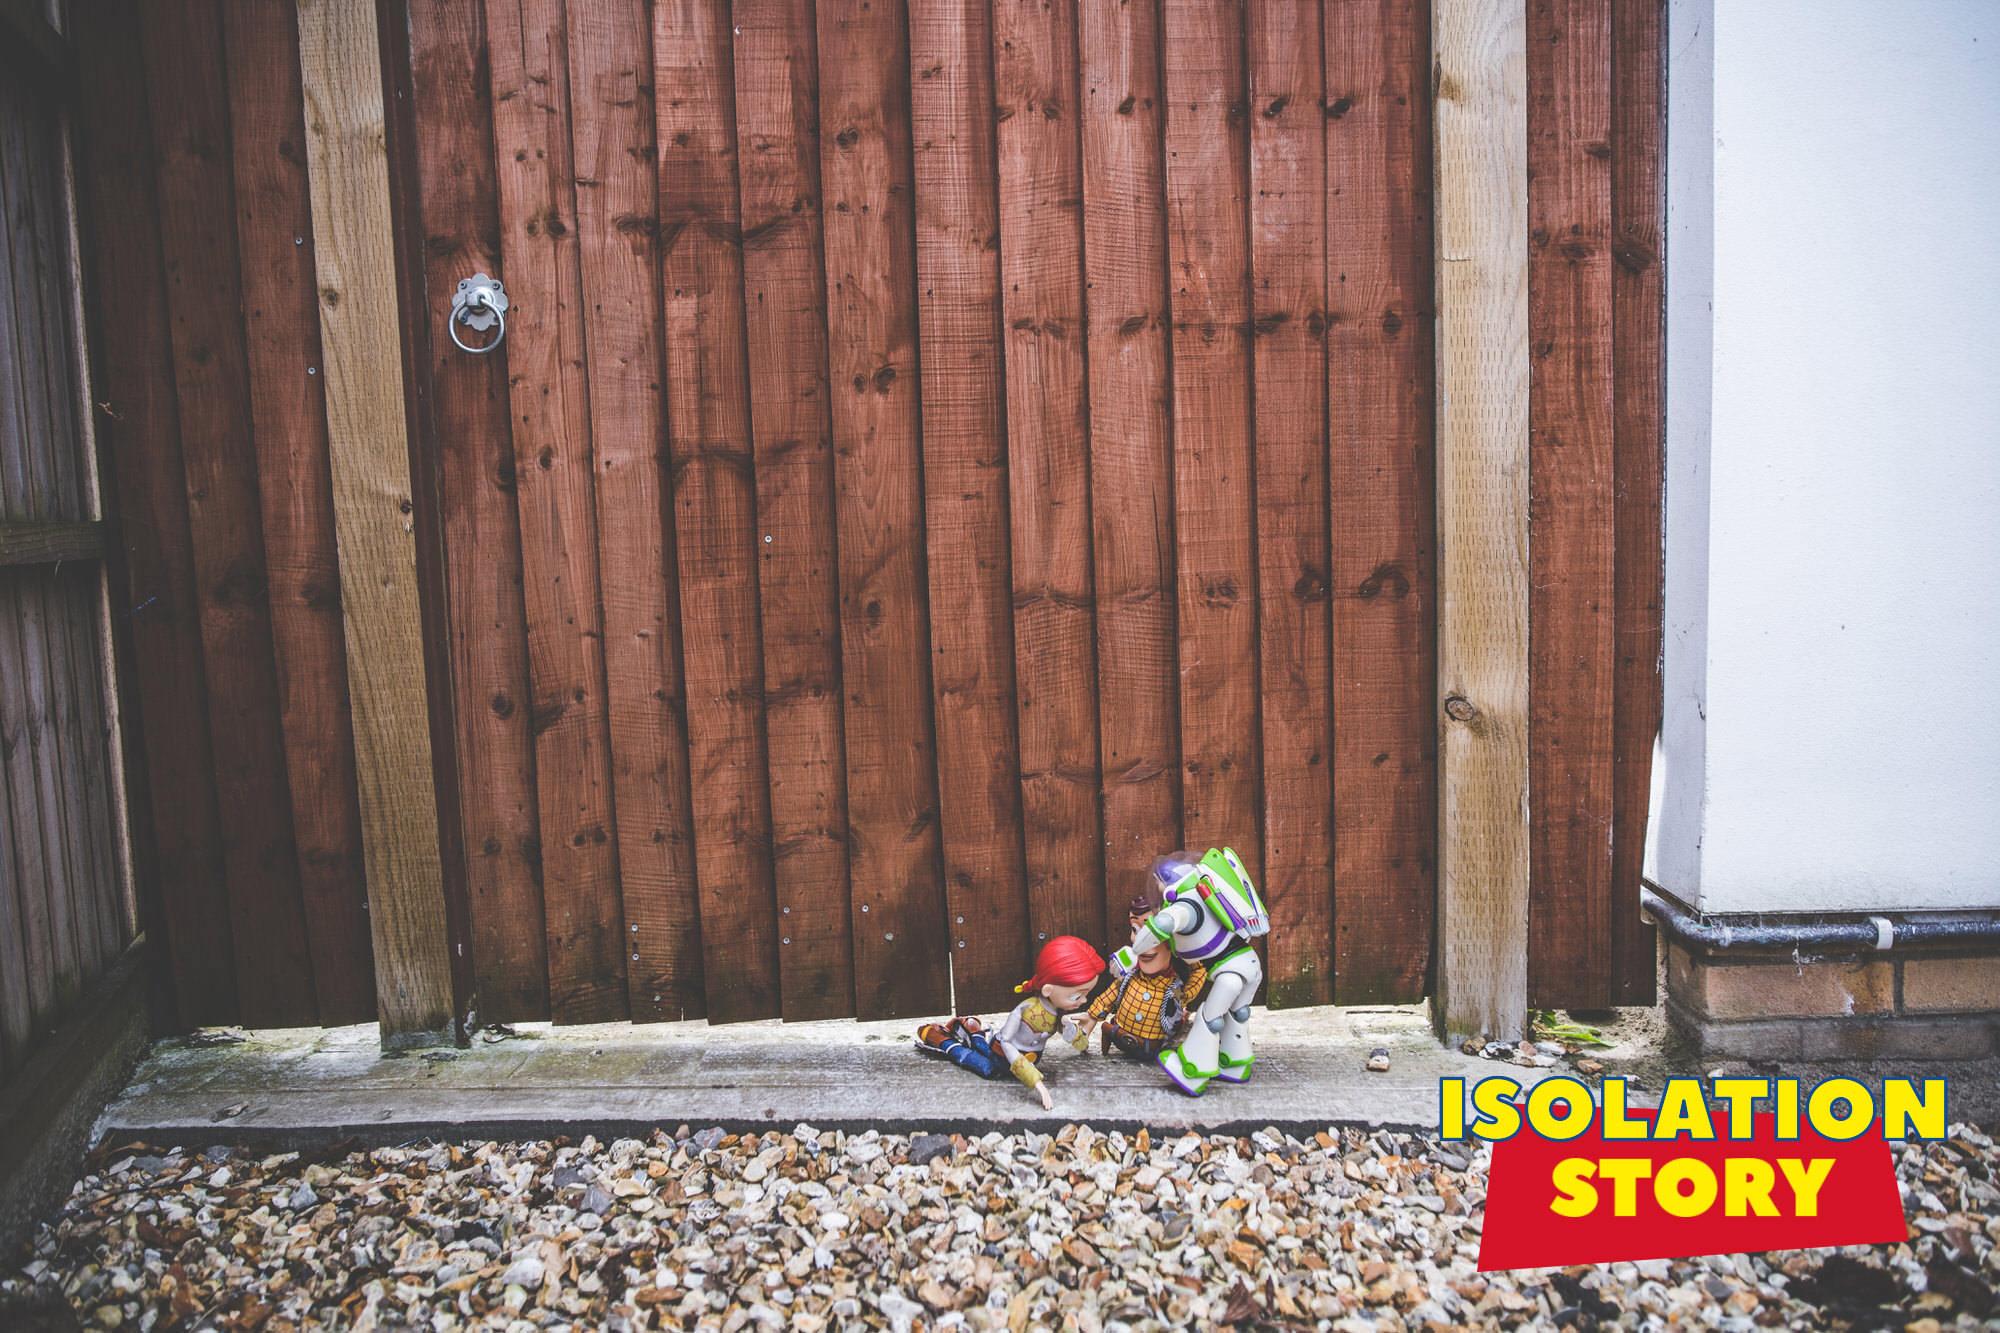 isolation-story-2020